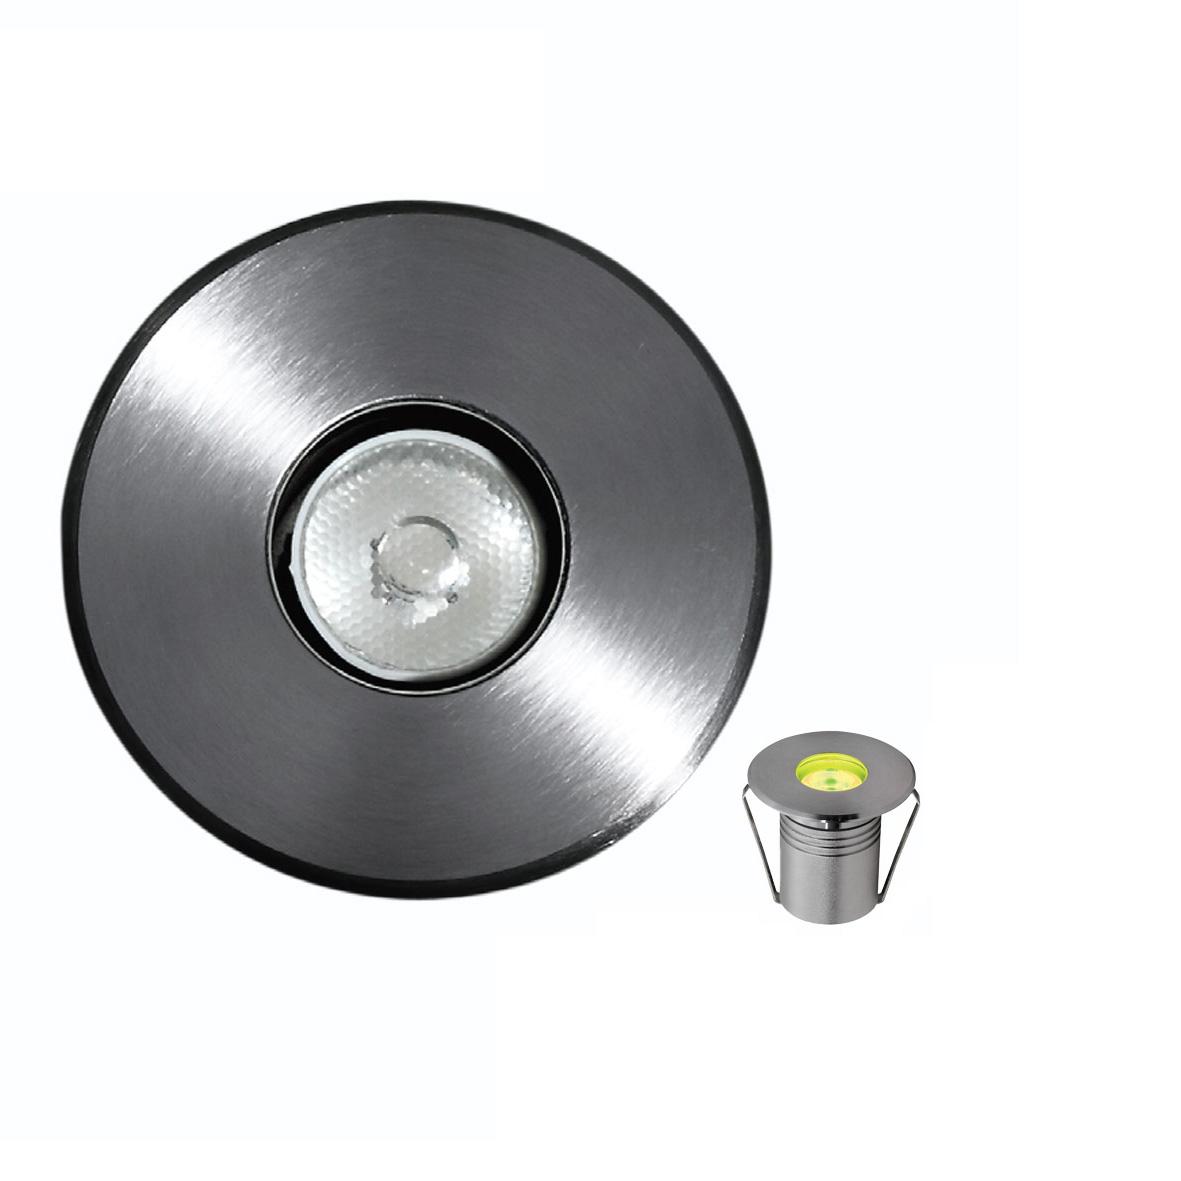 چراغ استخر و آب نما B4A0158